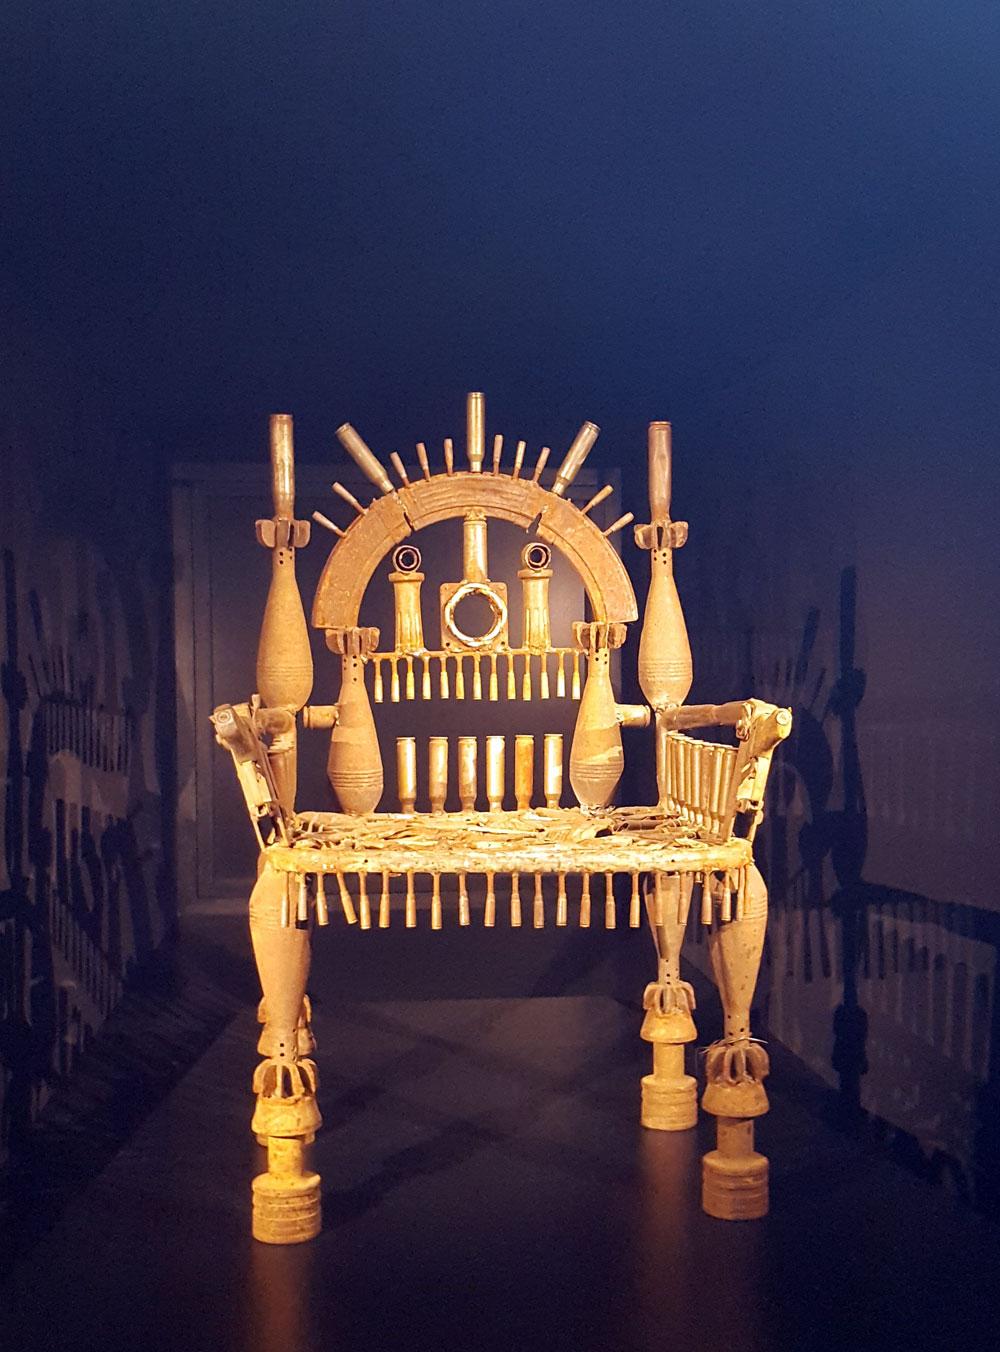 Ein Stuhl aus alten Gewehrkolben und Patronen zum Thema Krieg und Ausbeutung